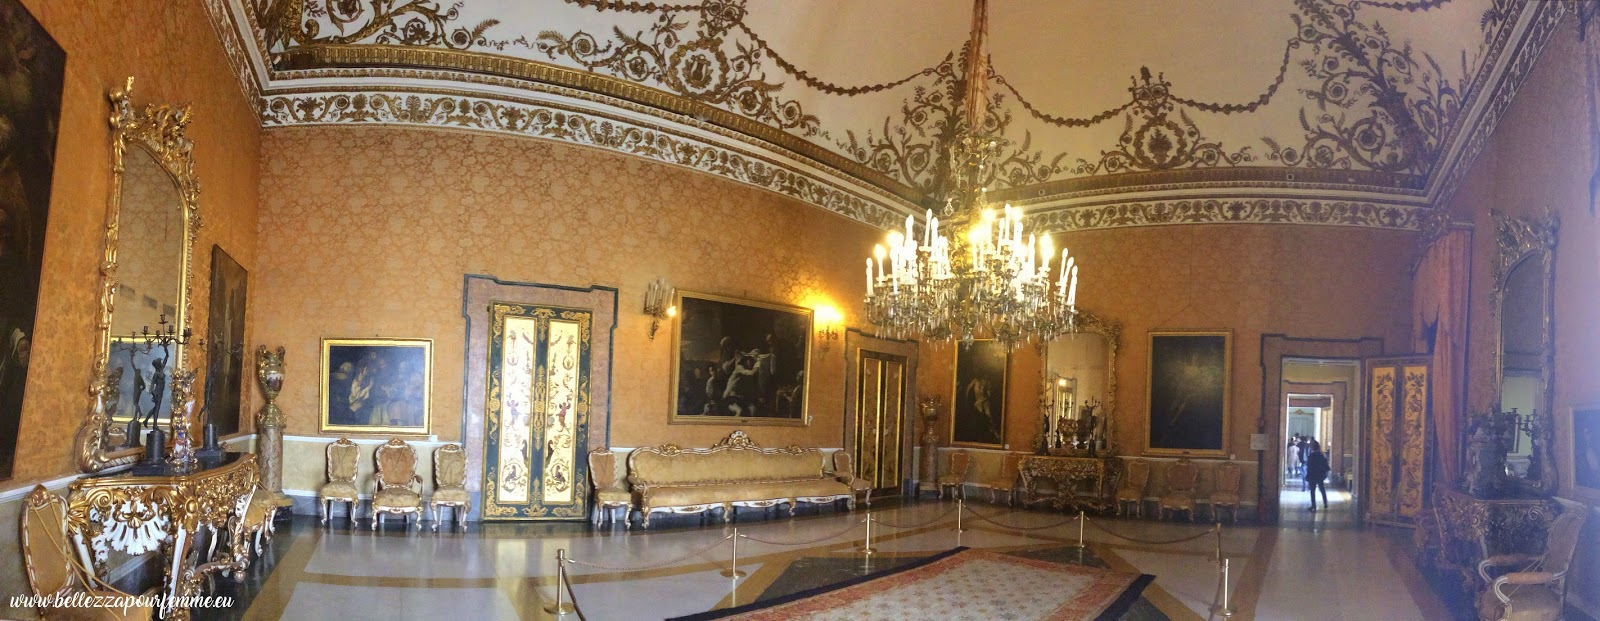 Palazzo Reale Napoli